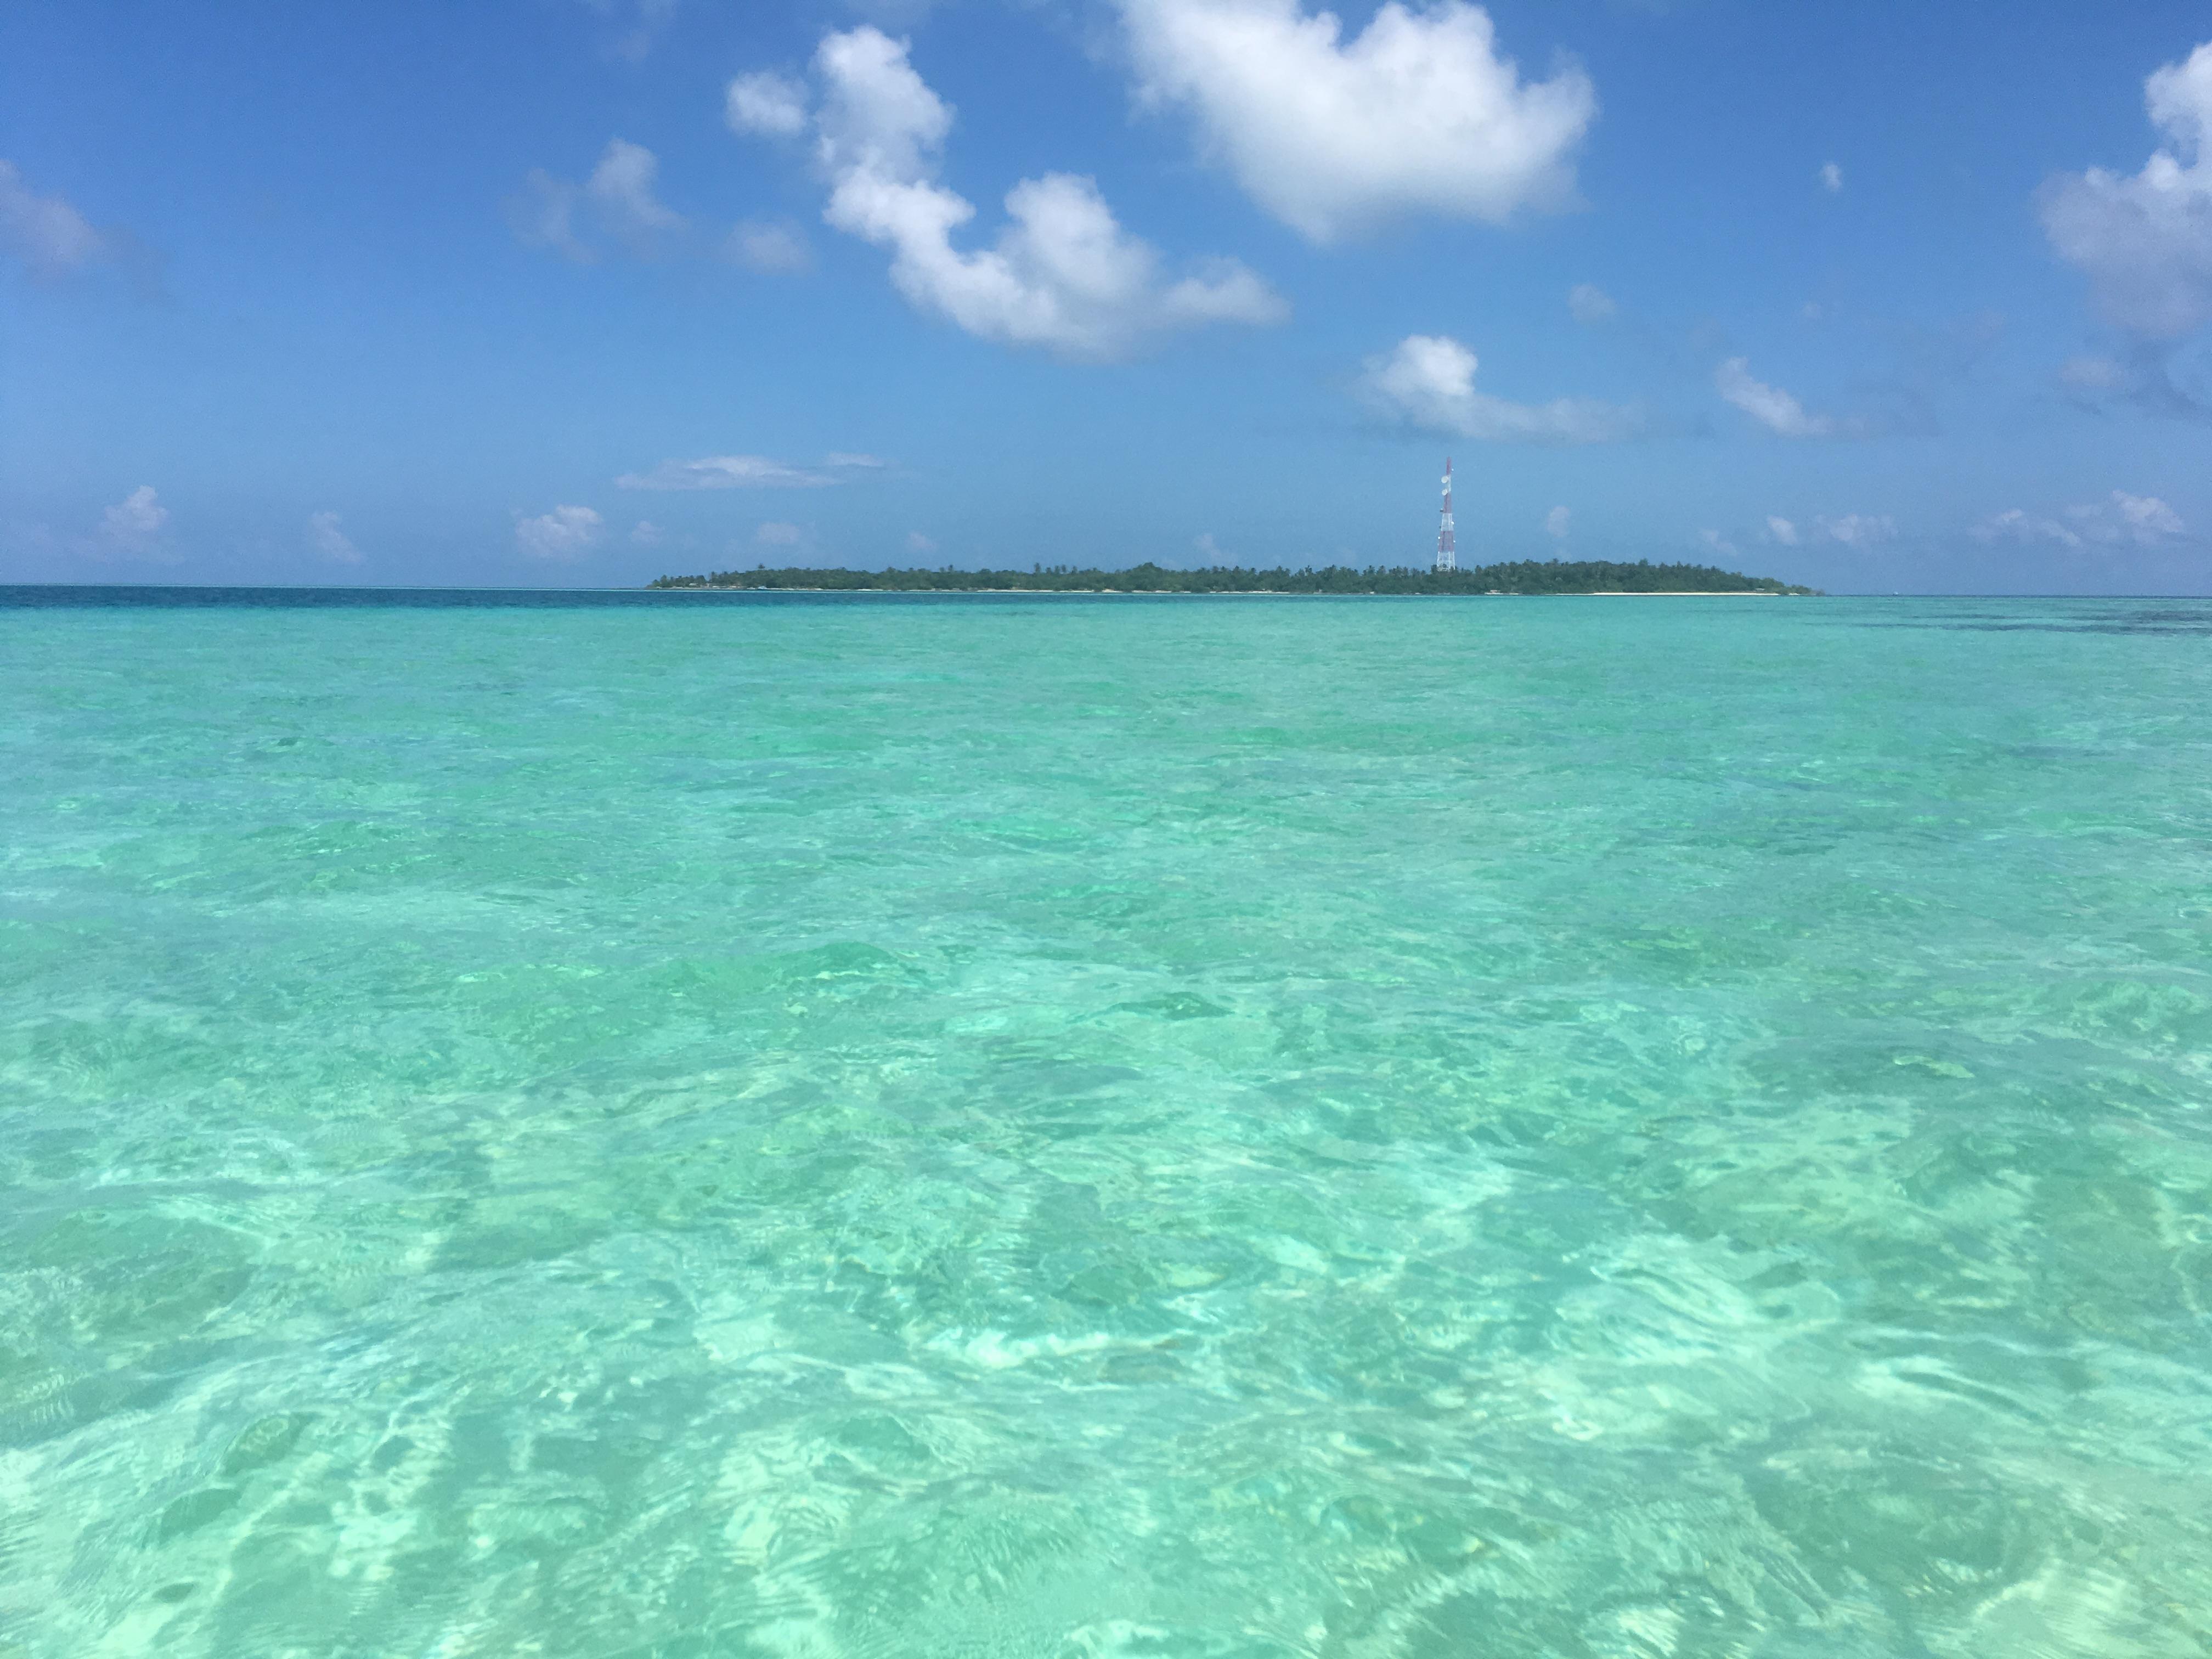 Stunning lagoon